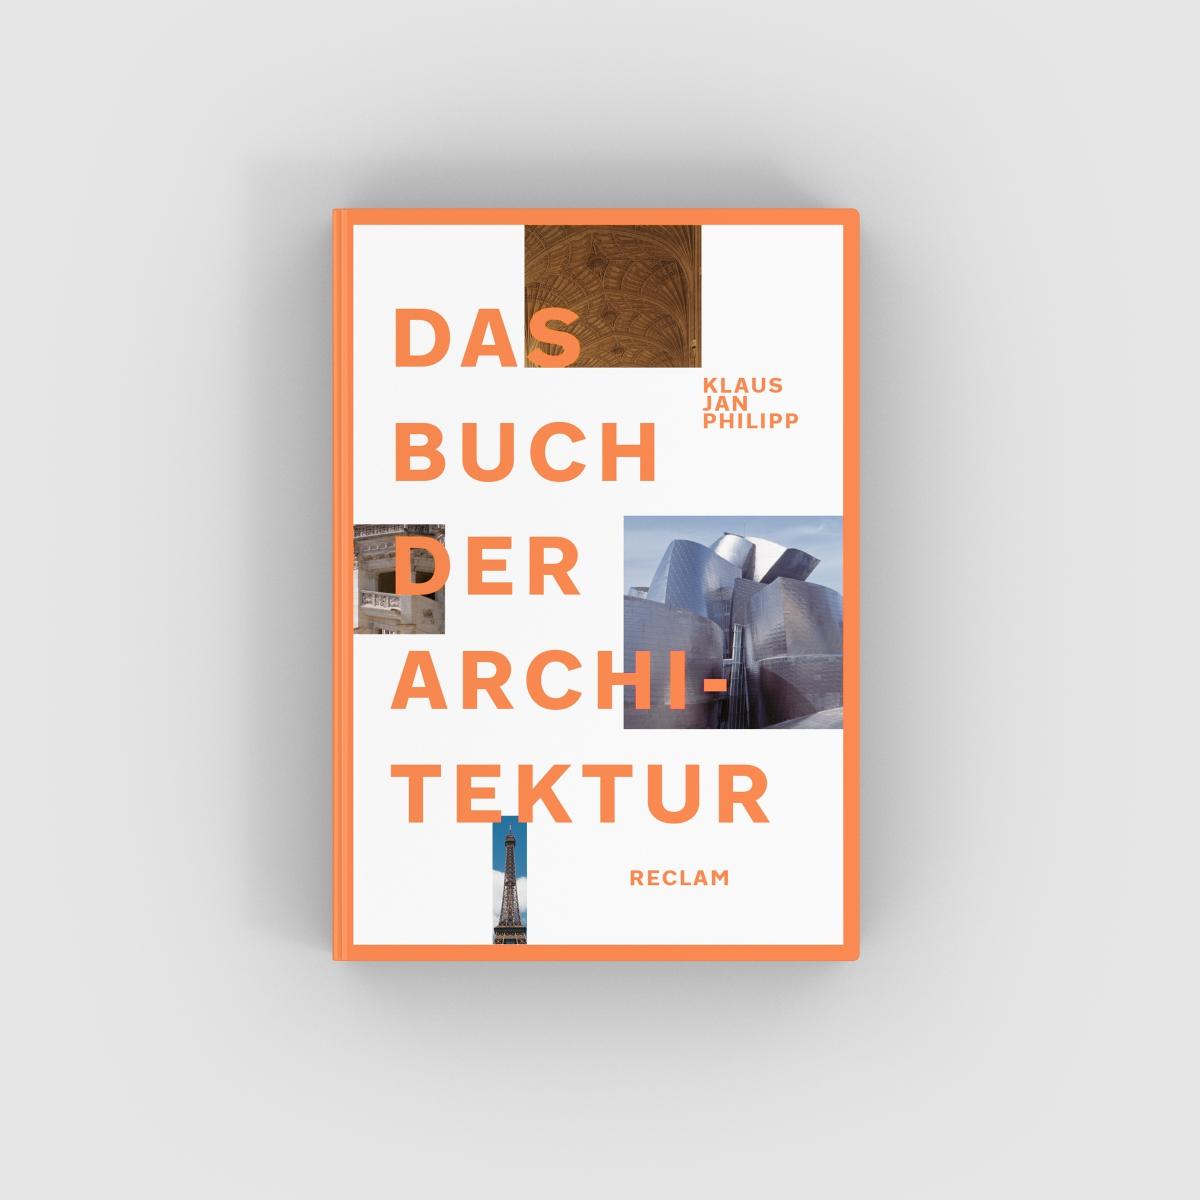 reclam_buch-architektur